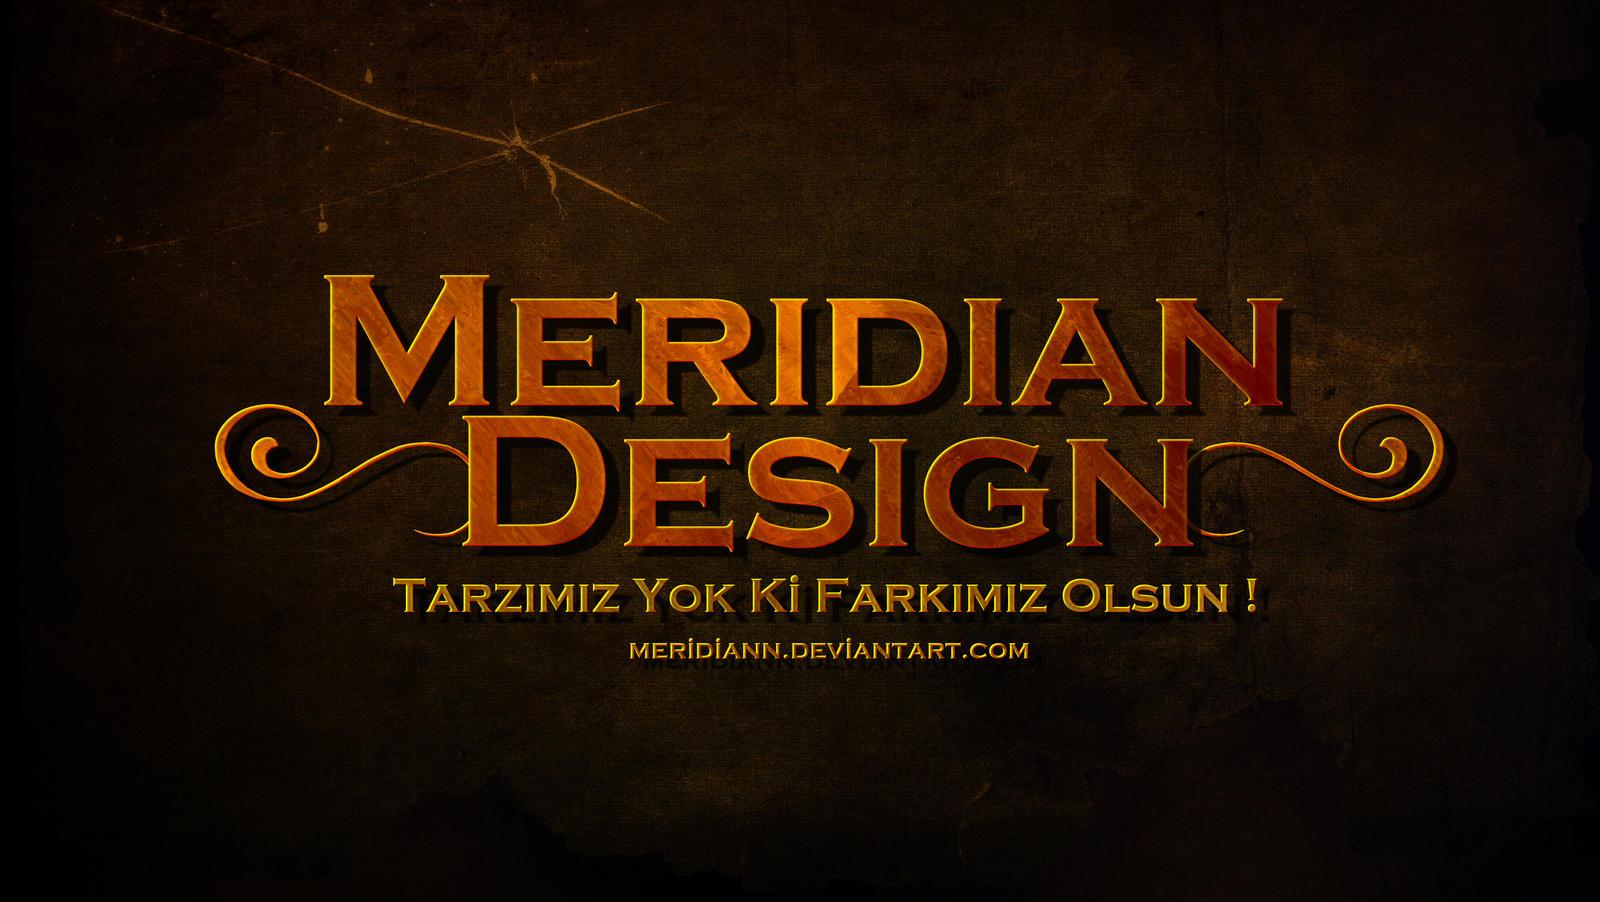 Meridian Design | Çeşitli Çalışmalar